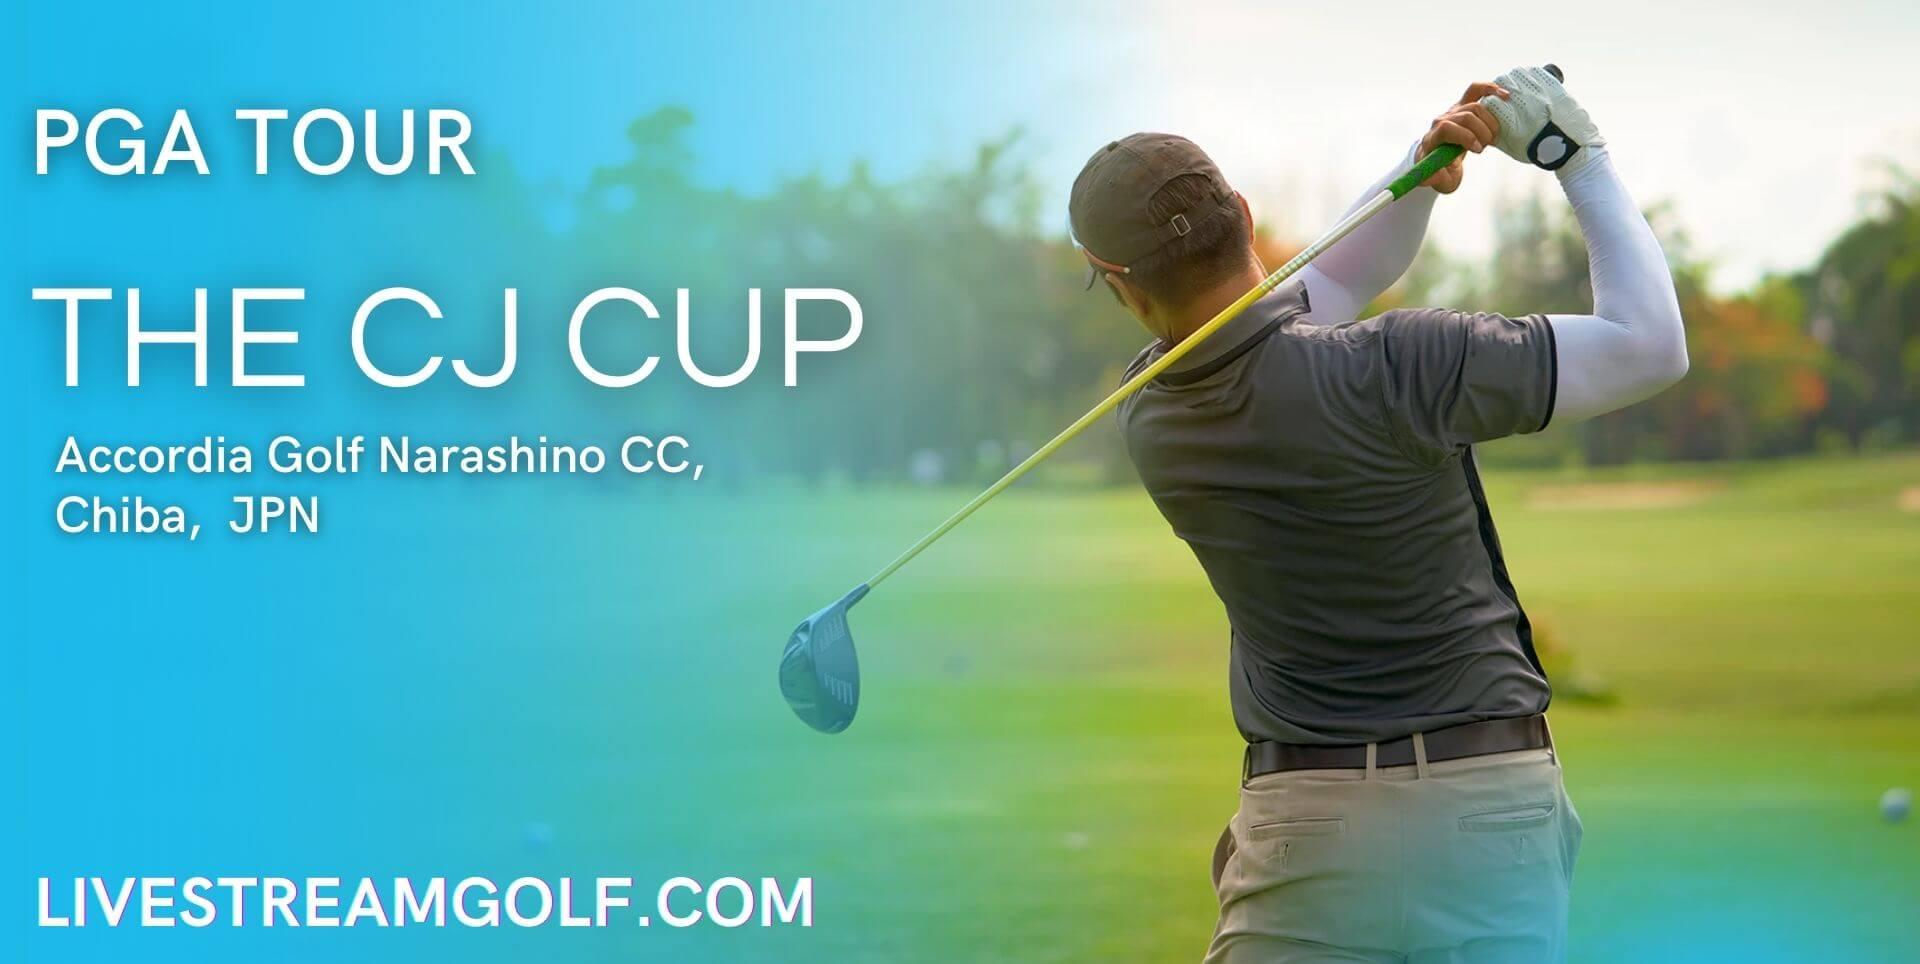 THE CJ CUP Rd 3 Live Stream: PGA Tour 2021